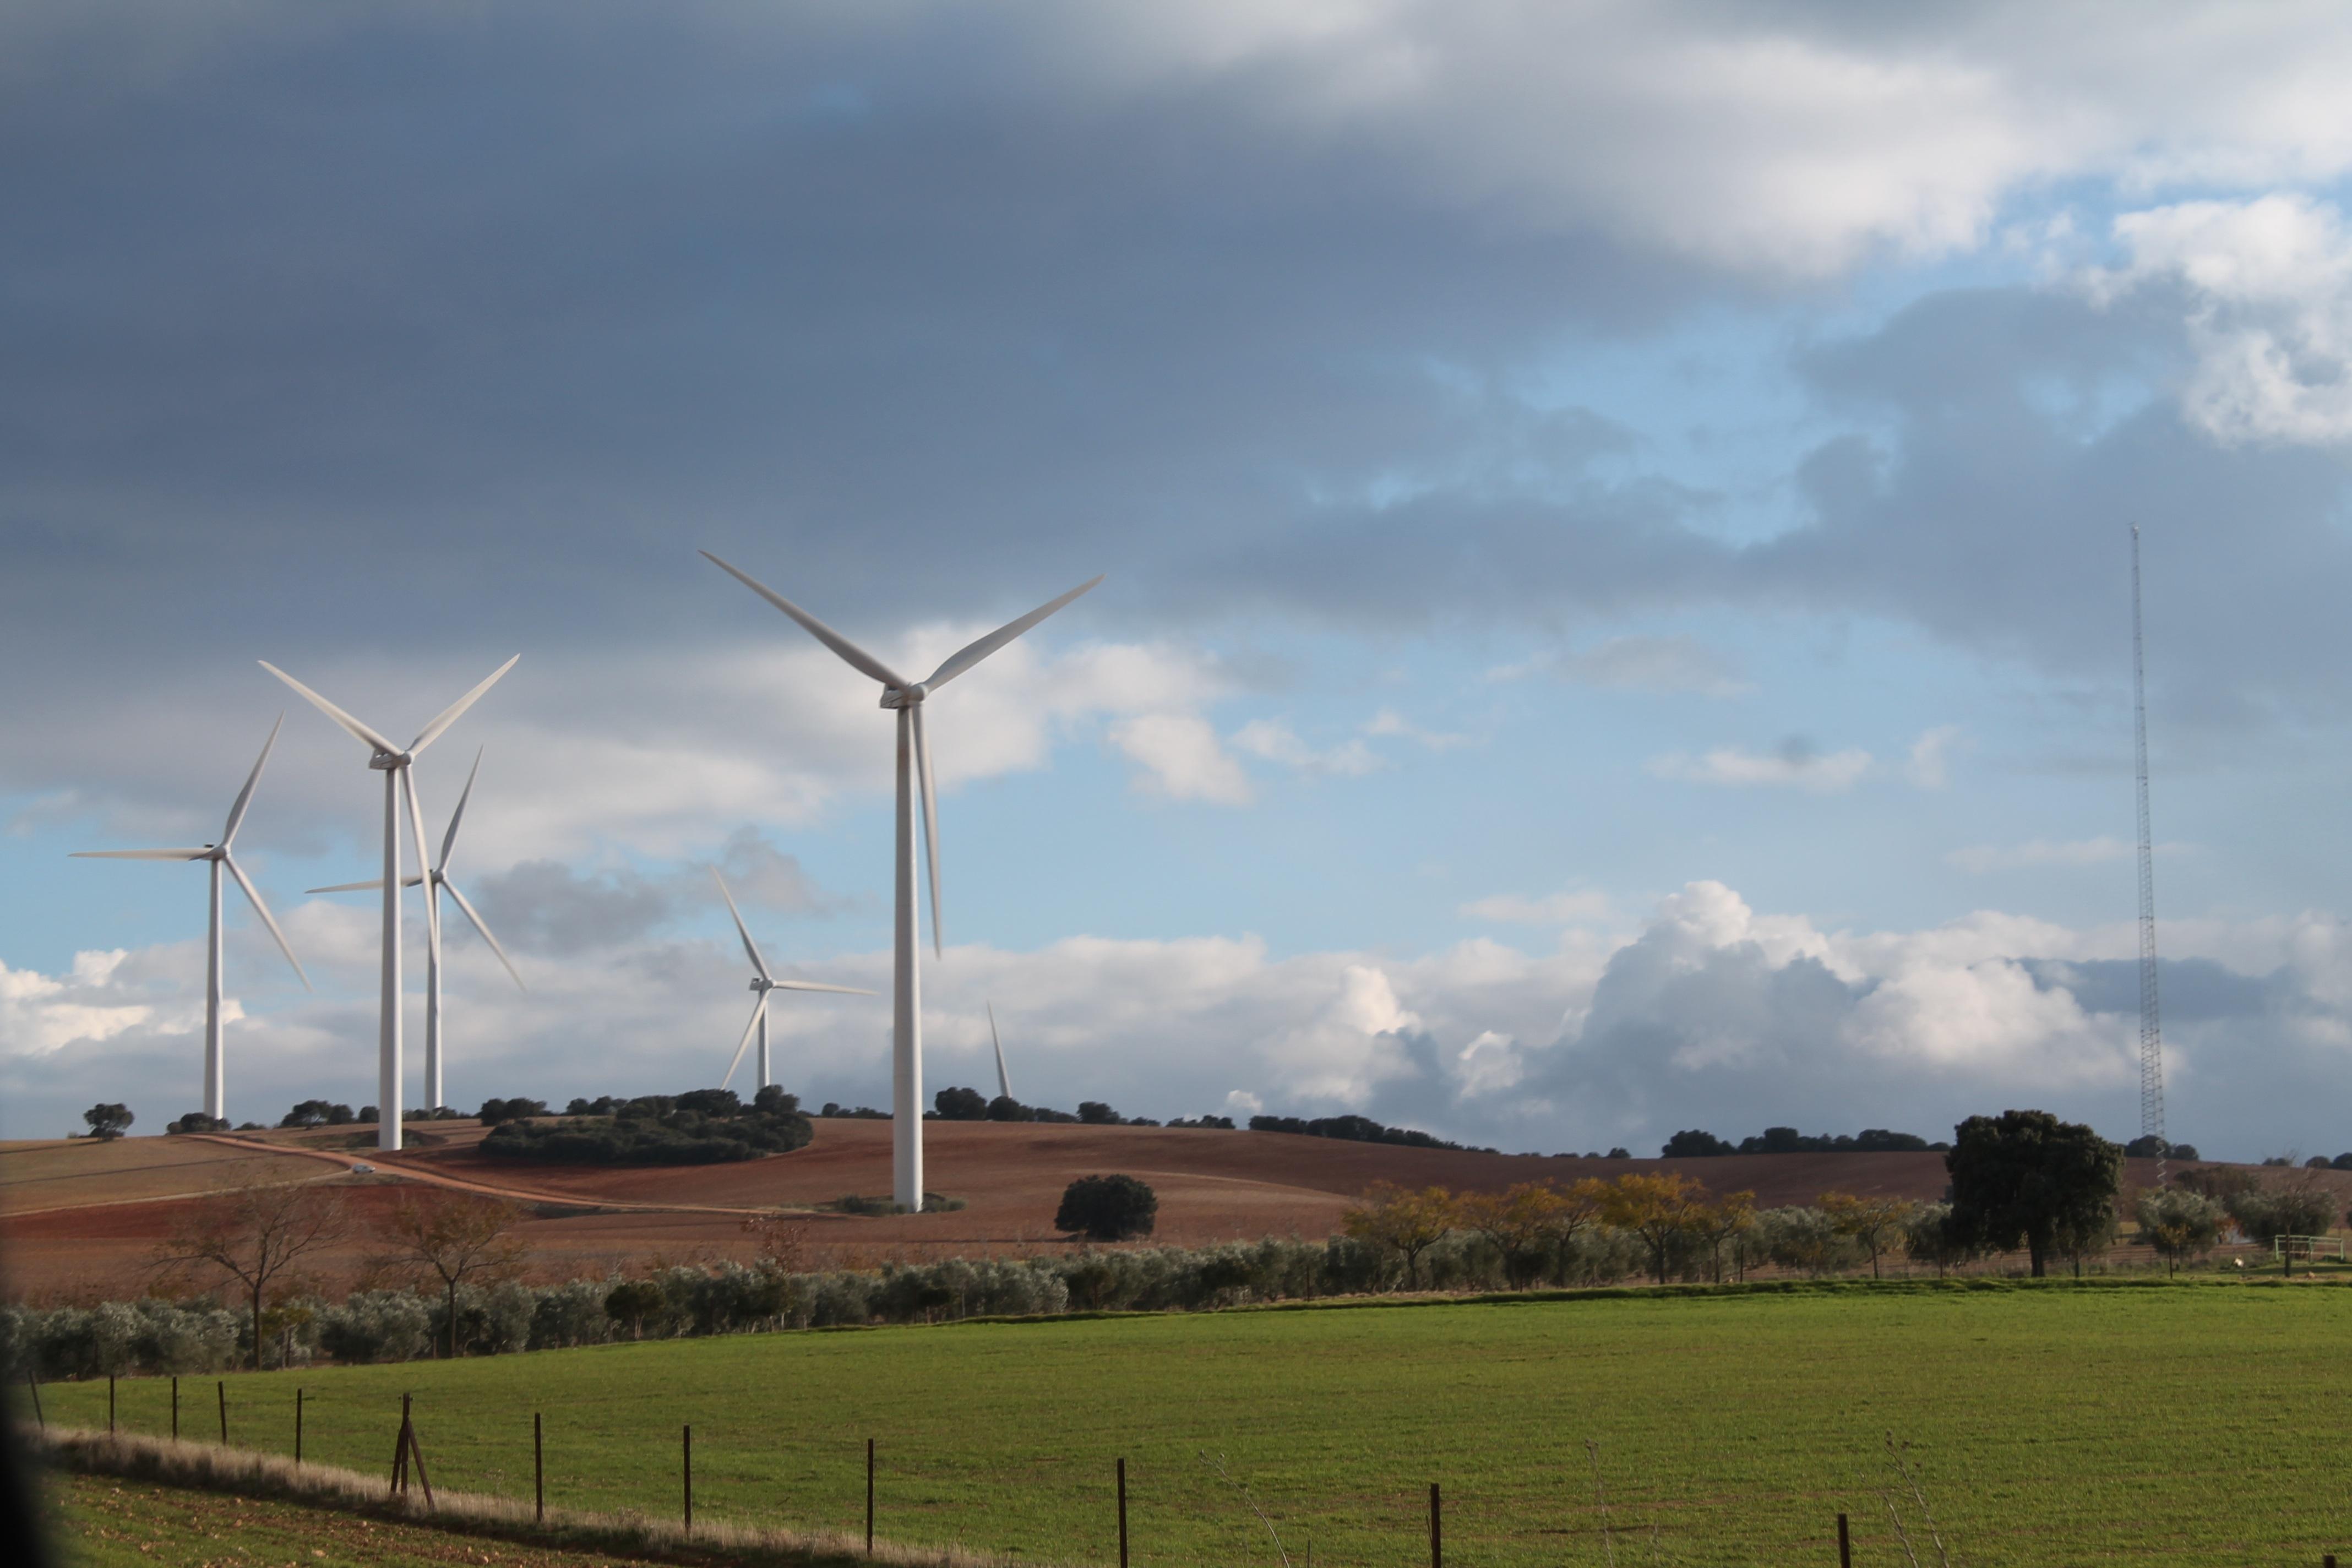 La Región cuenta con proyectos de energías renovables capaces de generar más de 3.000 megavatios